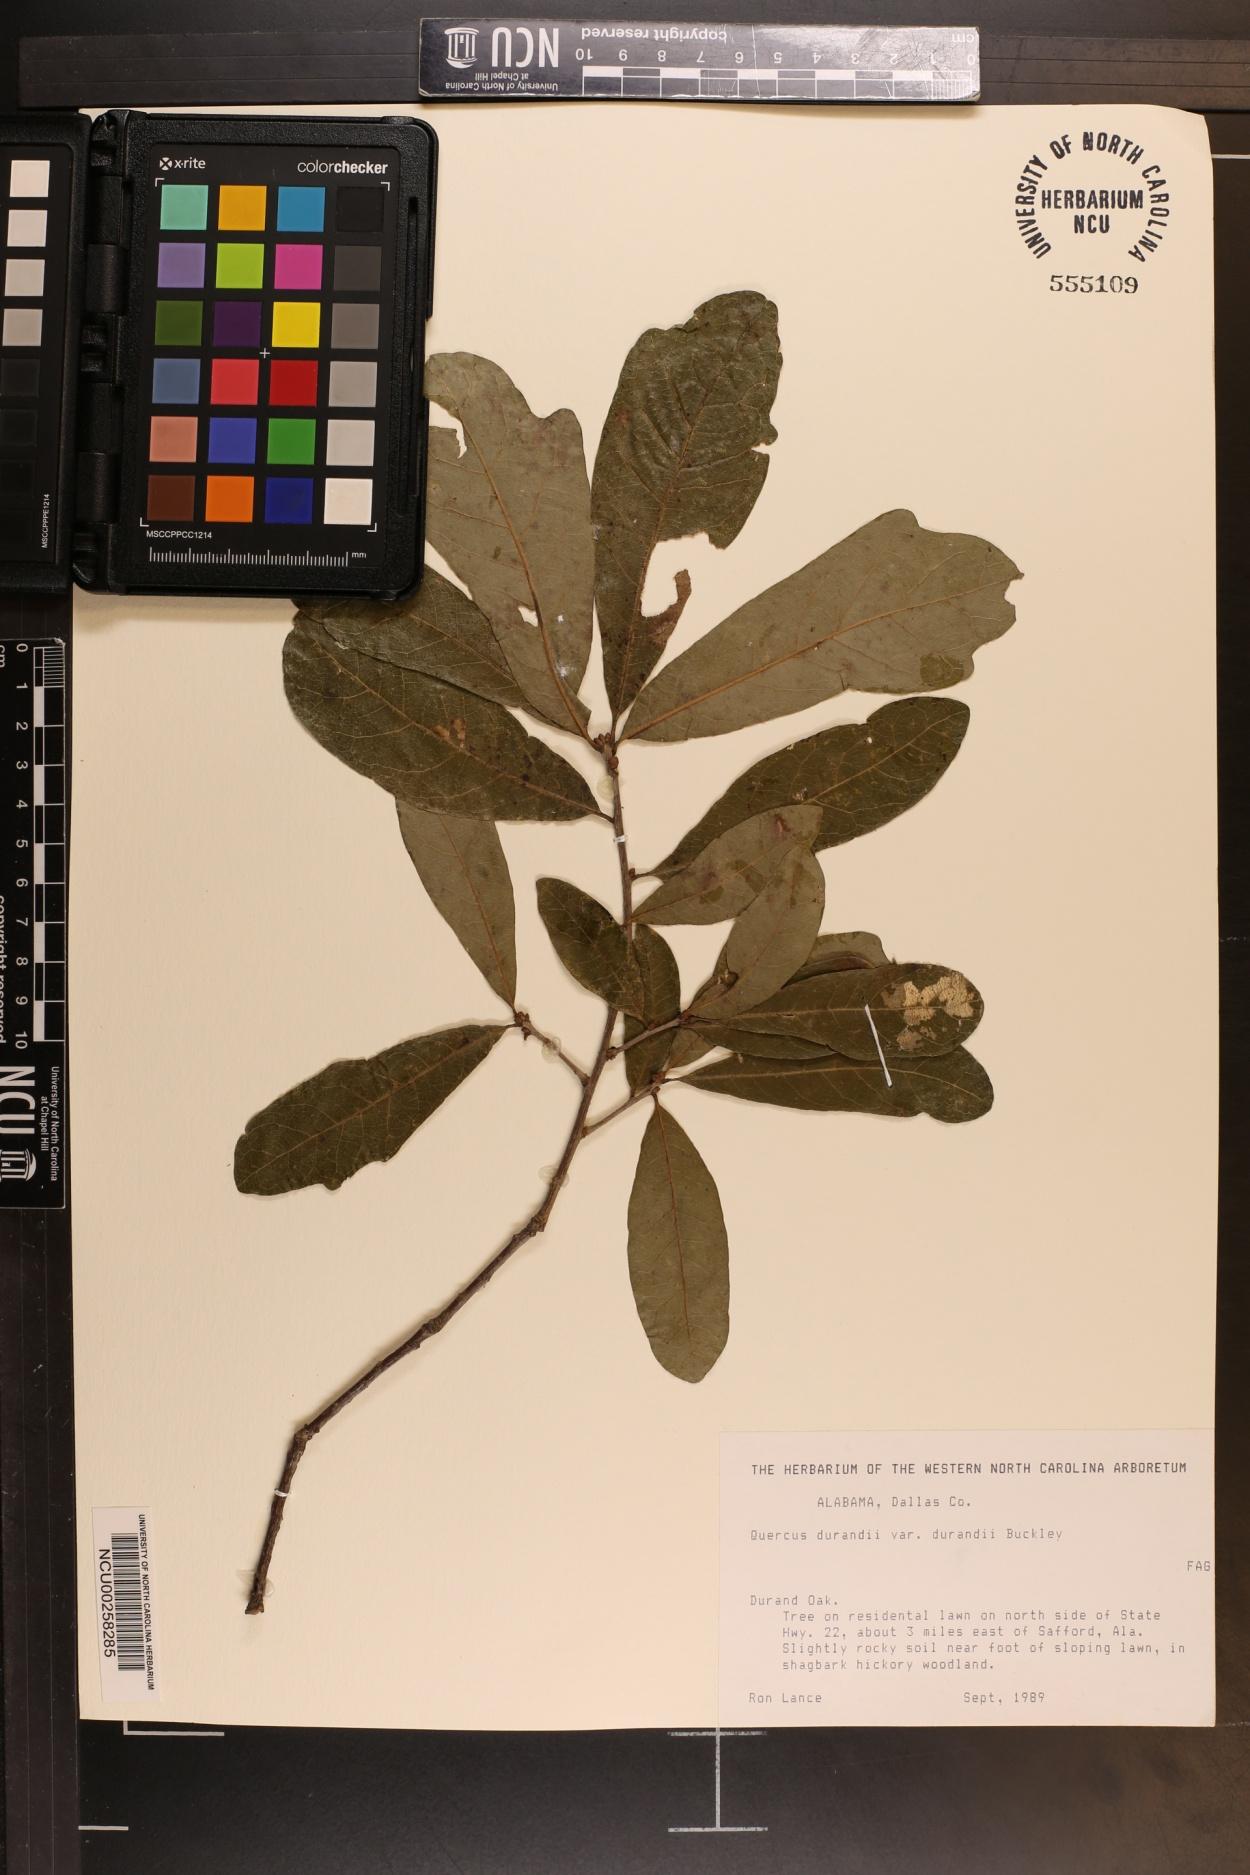 Quercus durandii var. durandii image